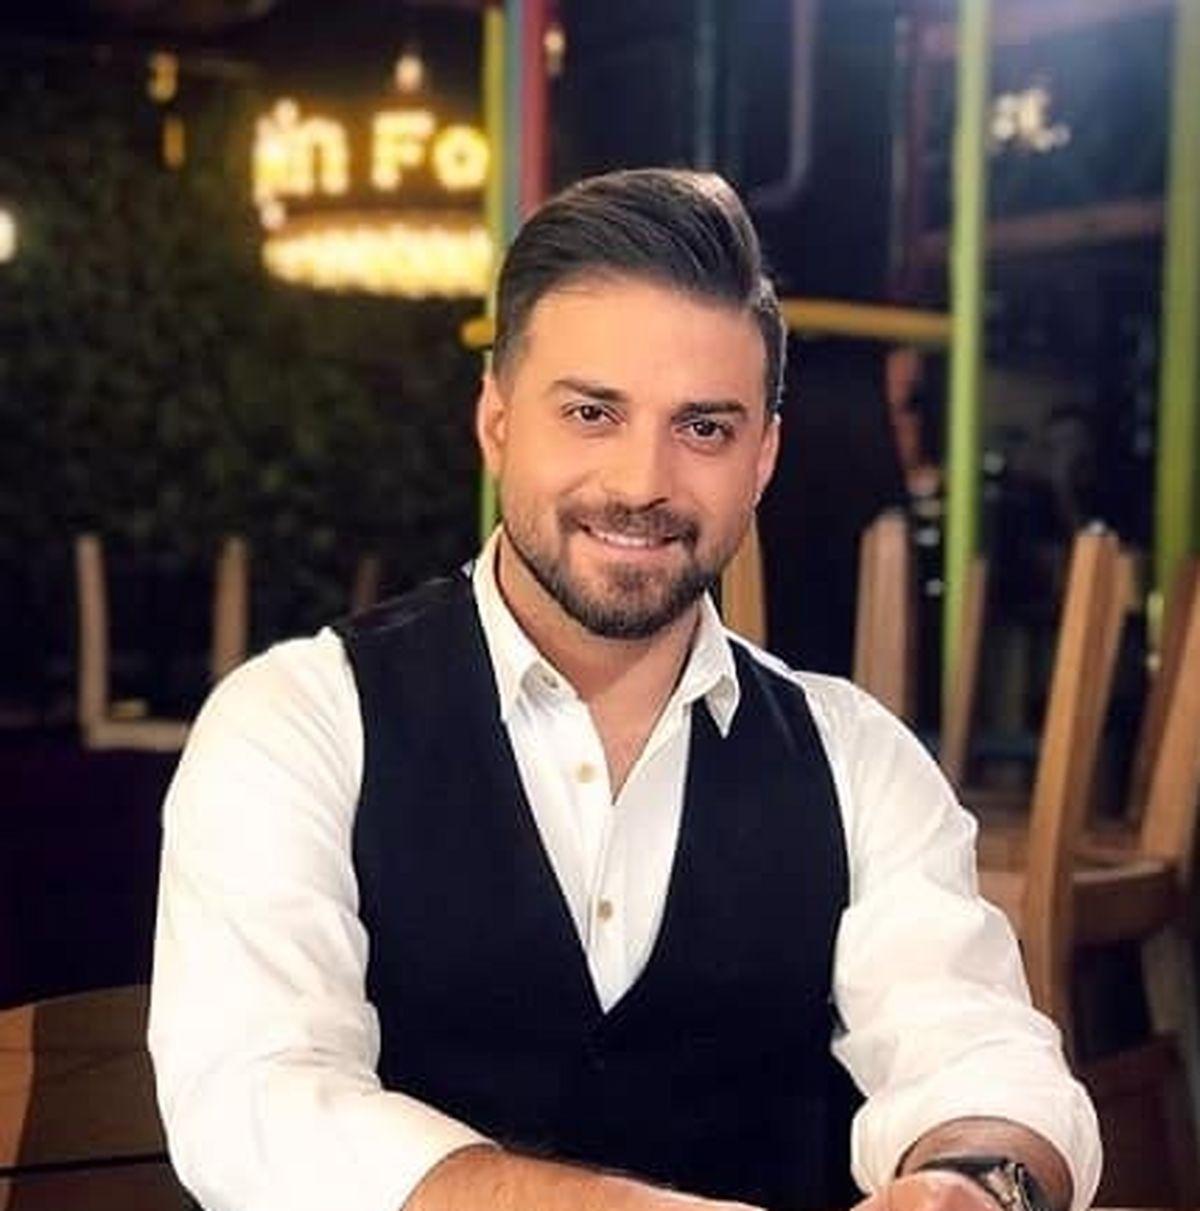 تیپ لاکچری بابک جهانبخش در باشگاه بدنسازی+عکس دیده نشده